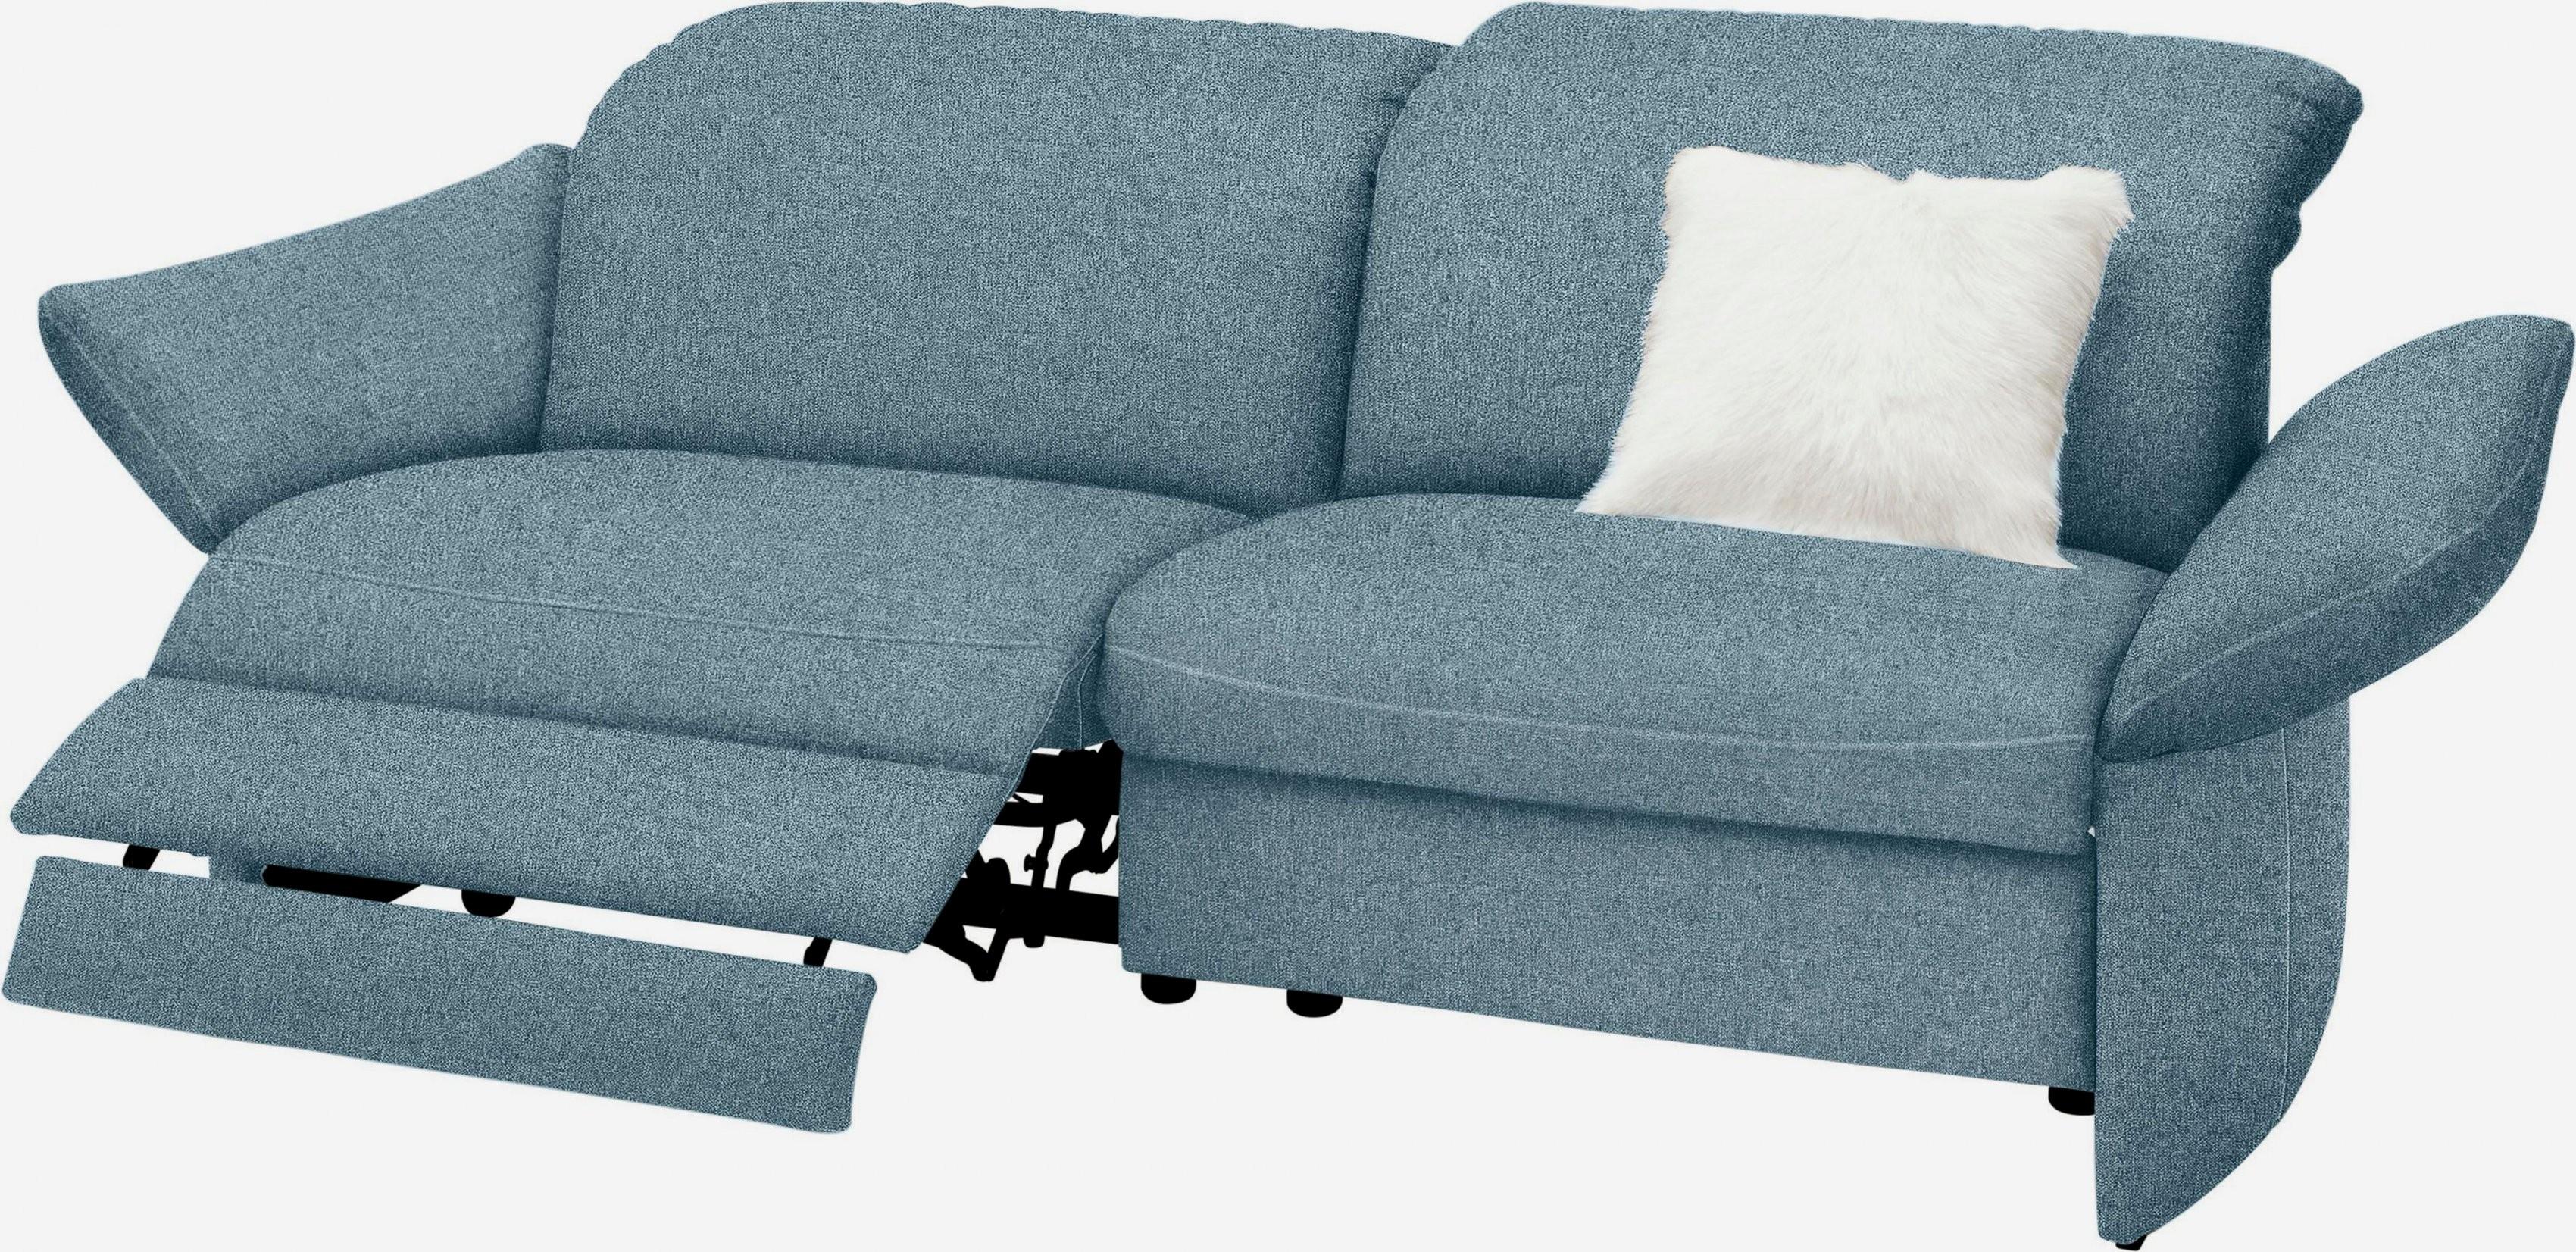 Beeindruckend Relax Sofa 2 Sitzer Gallery M Viviana Wahlweise Mit von Relax Sofa 2 Sitzer Bild